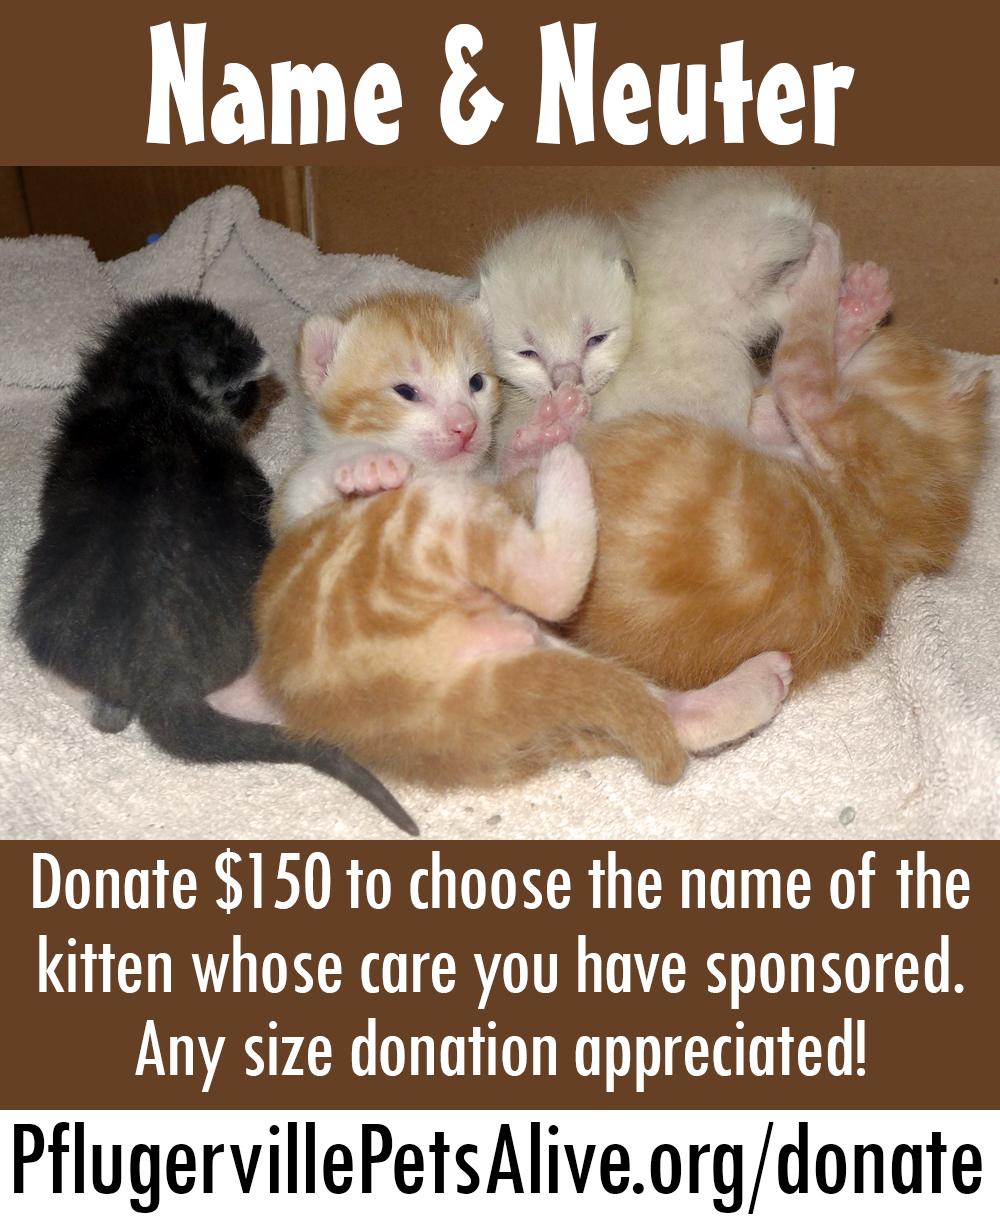 Name & Neuter! Kitten Care Sponsors Needed